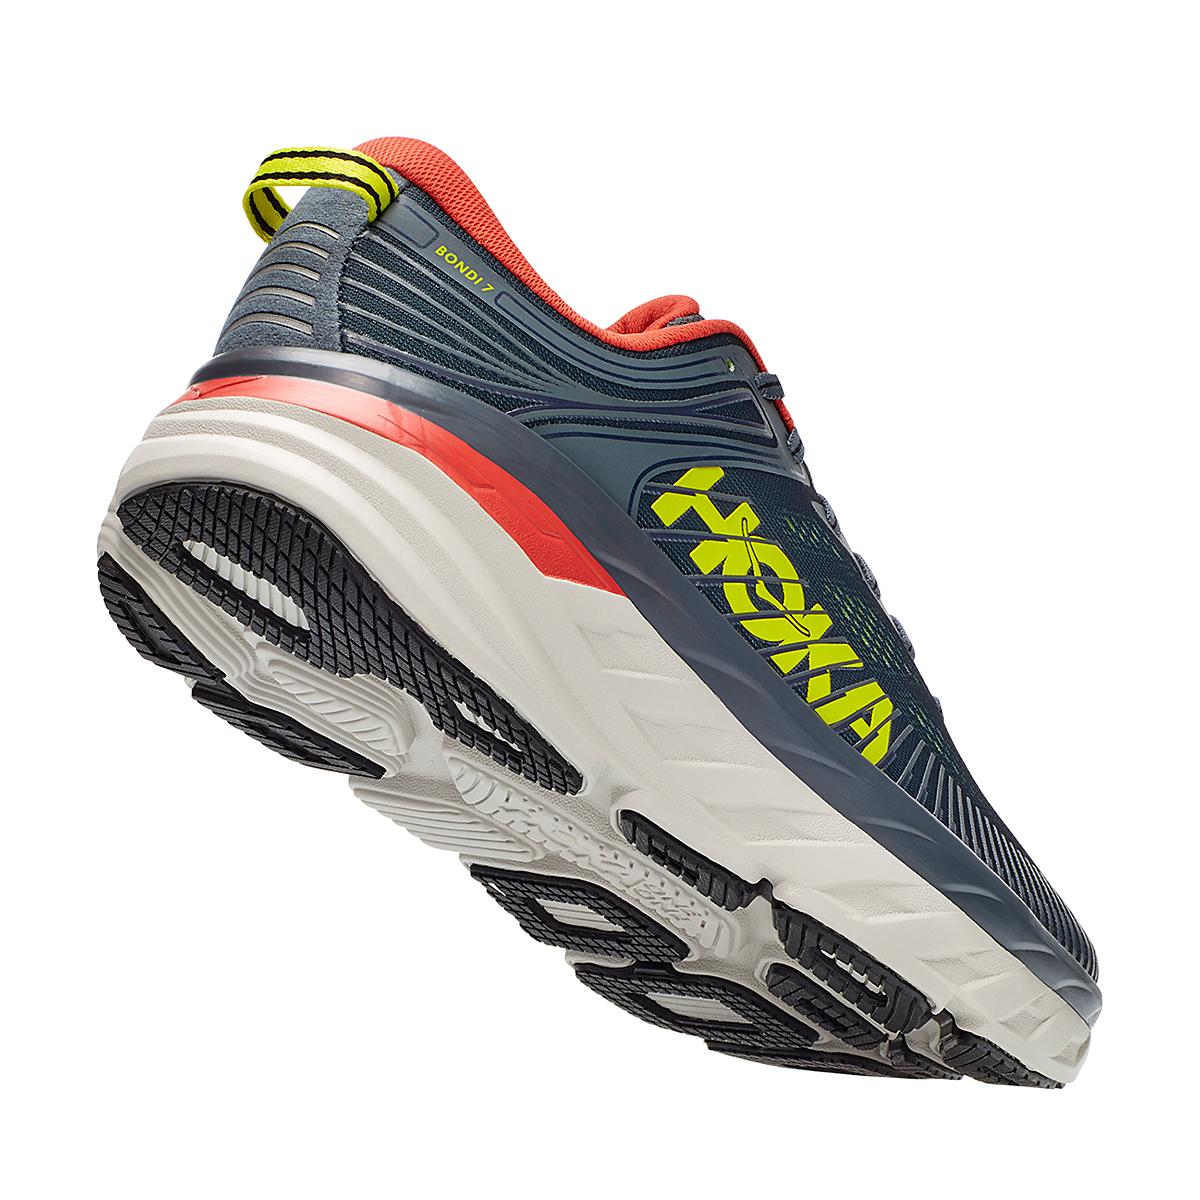 Men's Hoka One One Bondi 7 Running Shoe - Color: Turbulence/Chili - Size: 8 - Width: Regular, Turbulence/Chili, large, image 5